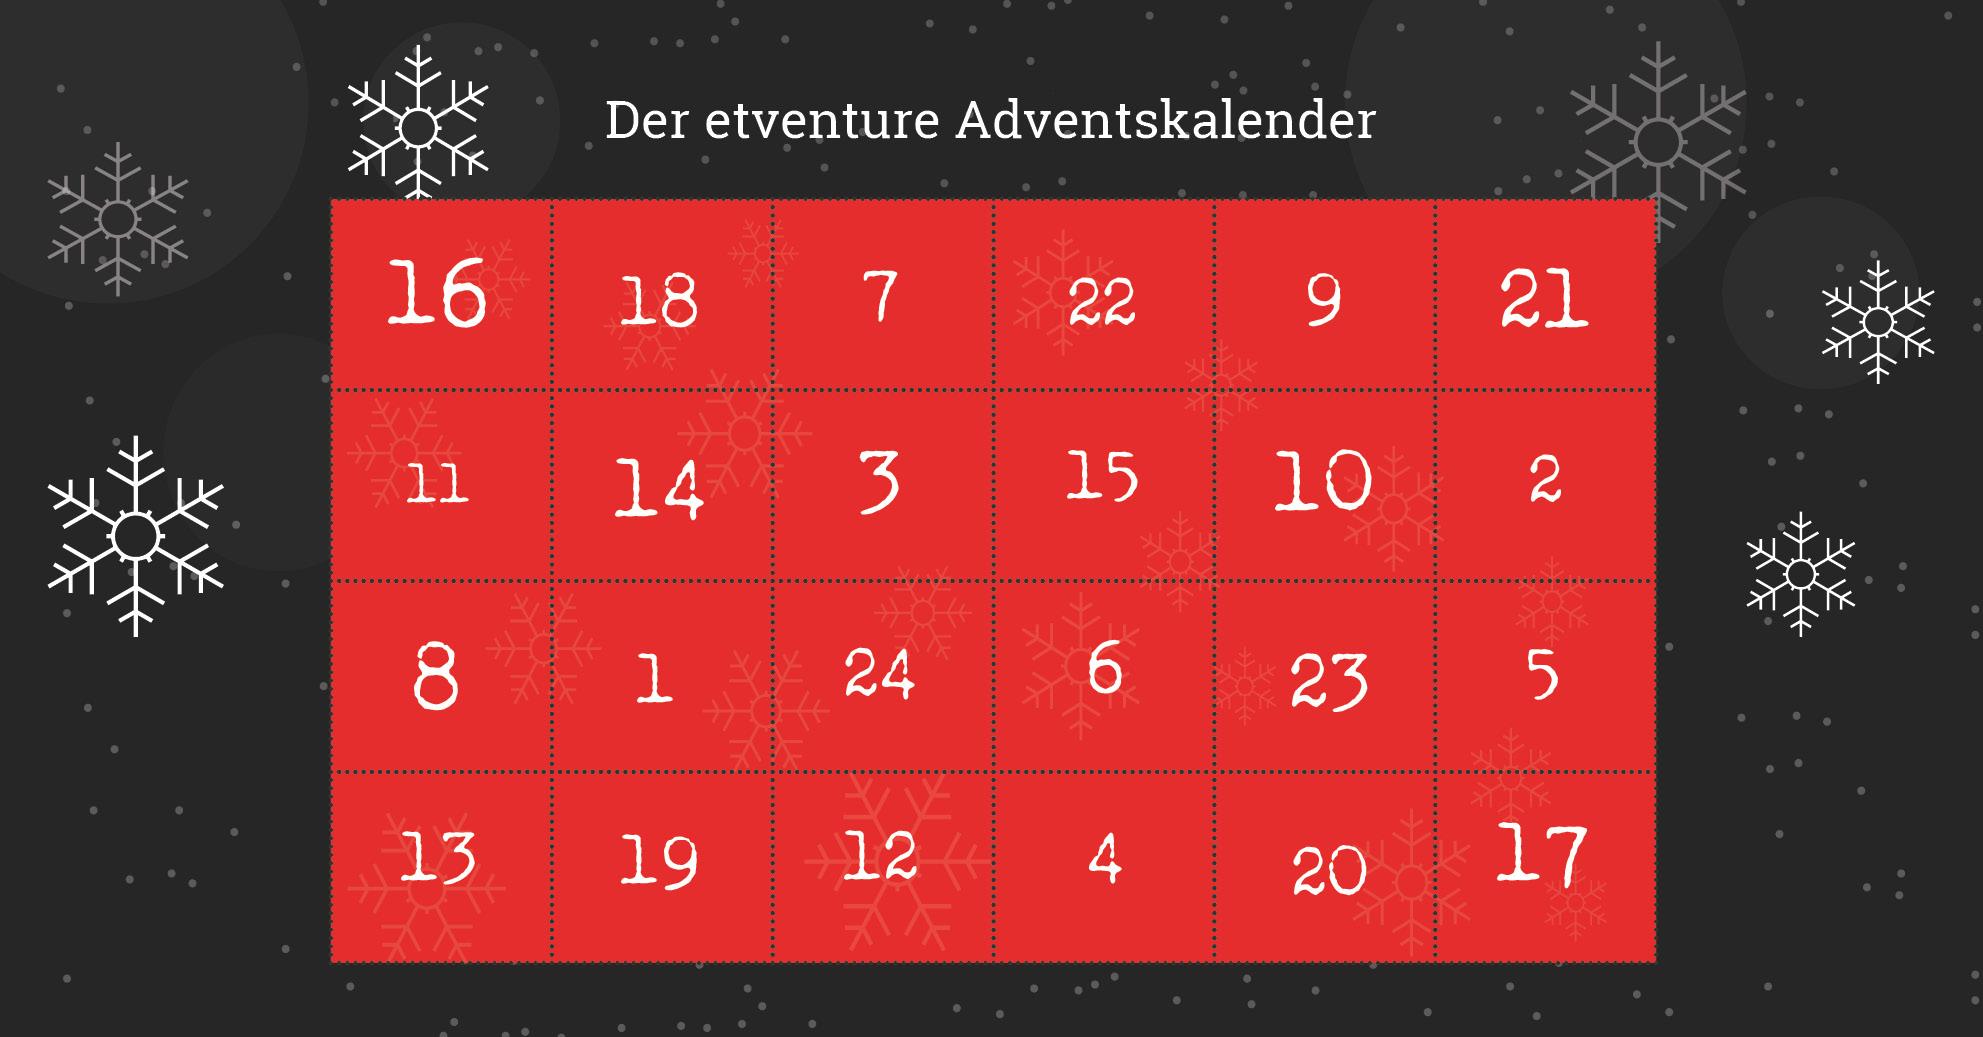 etventure Adventskalender 2017